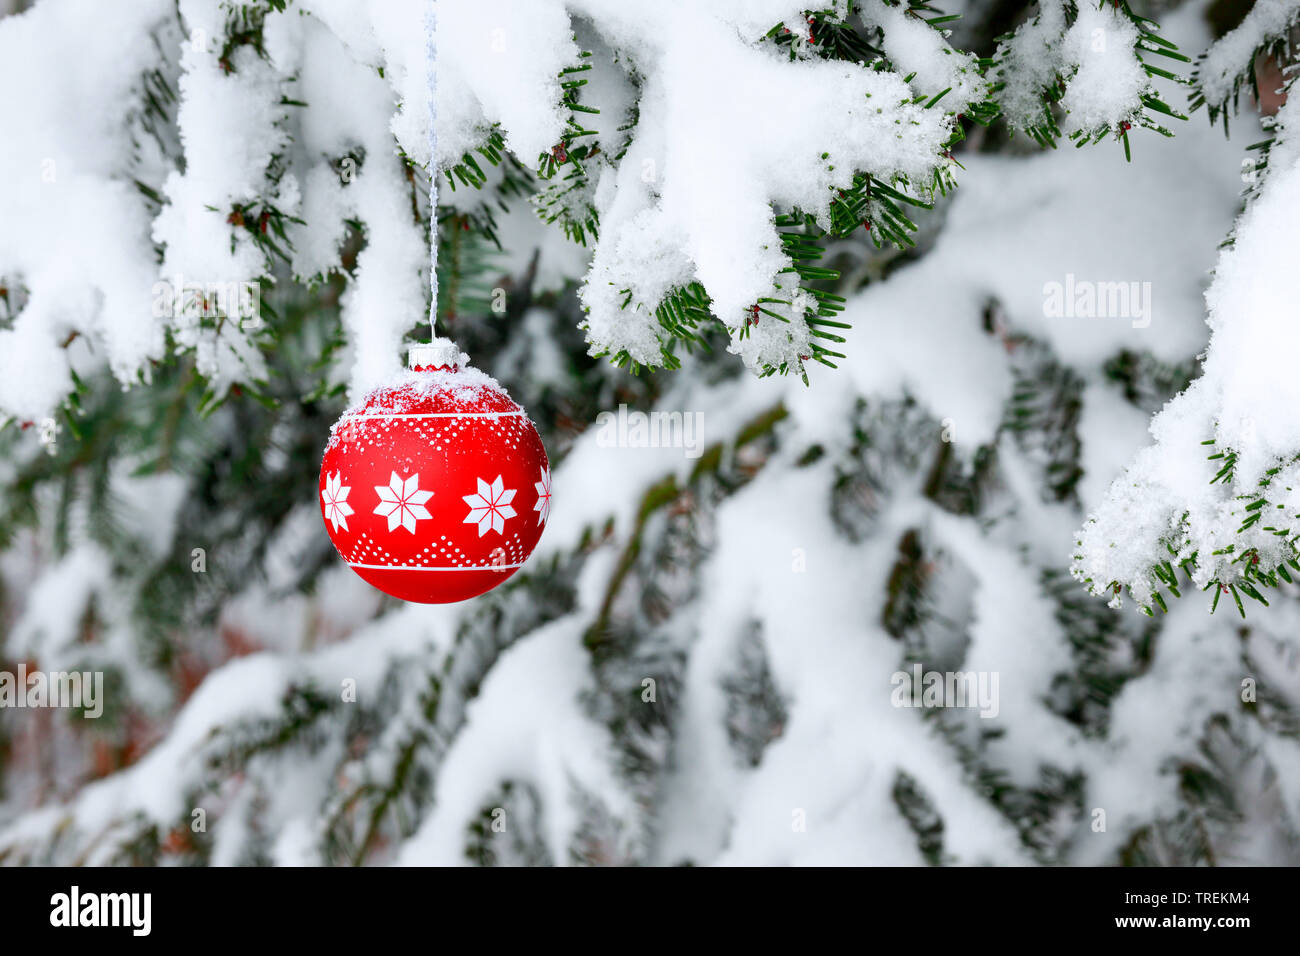 Weihnachtskugel an einem verschneiten Fichtenzweig, Schweiz   Christmas ball at a snow-covered spruce twig, Switzerland   BLWS528486.jpg [ (c) blickwi - Stock Image